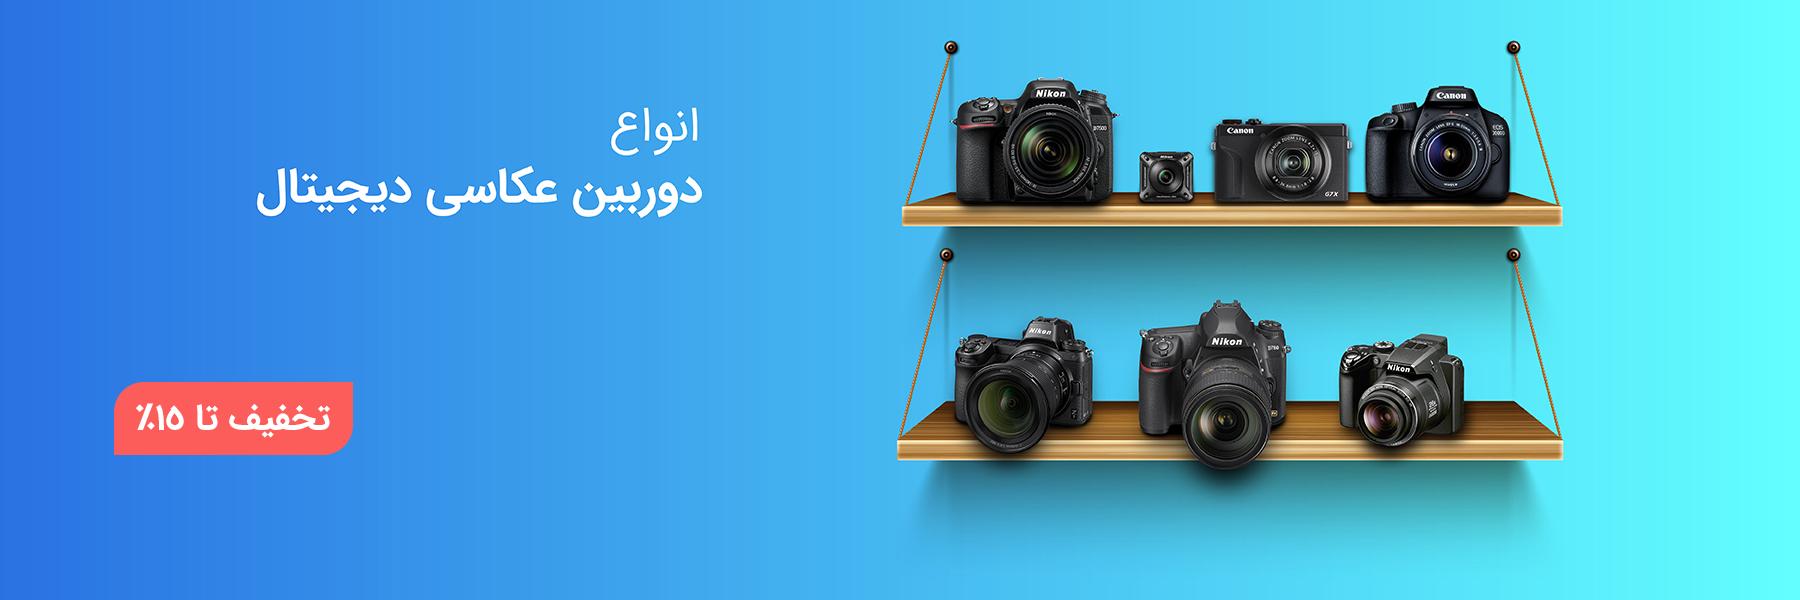 انواع دوربین عکاسی دیجیتال، خرید آنلاین، فروشگاه اینترنتی آف تپ